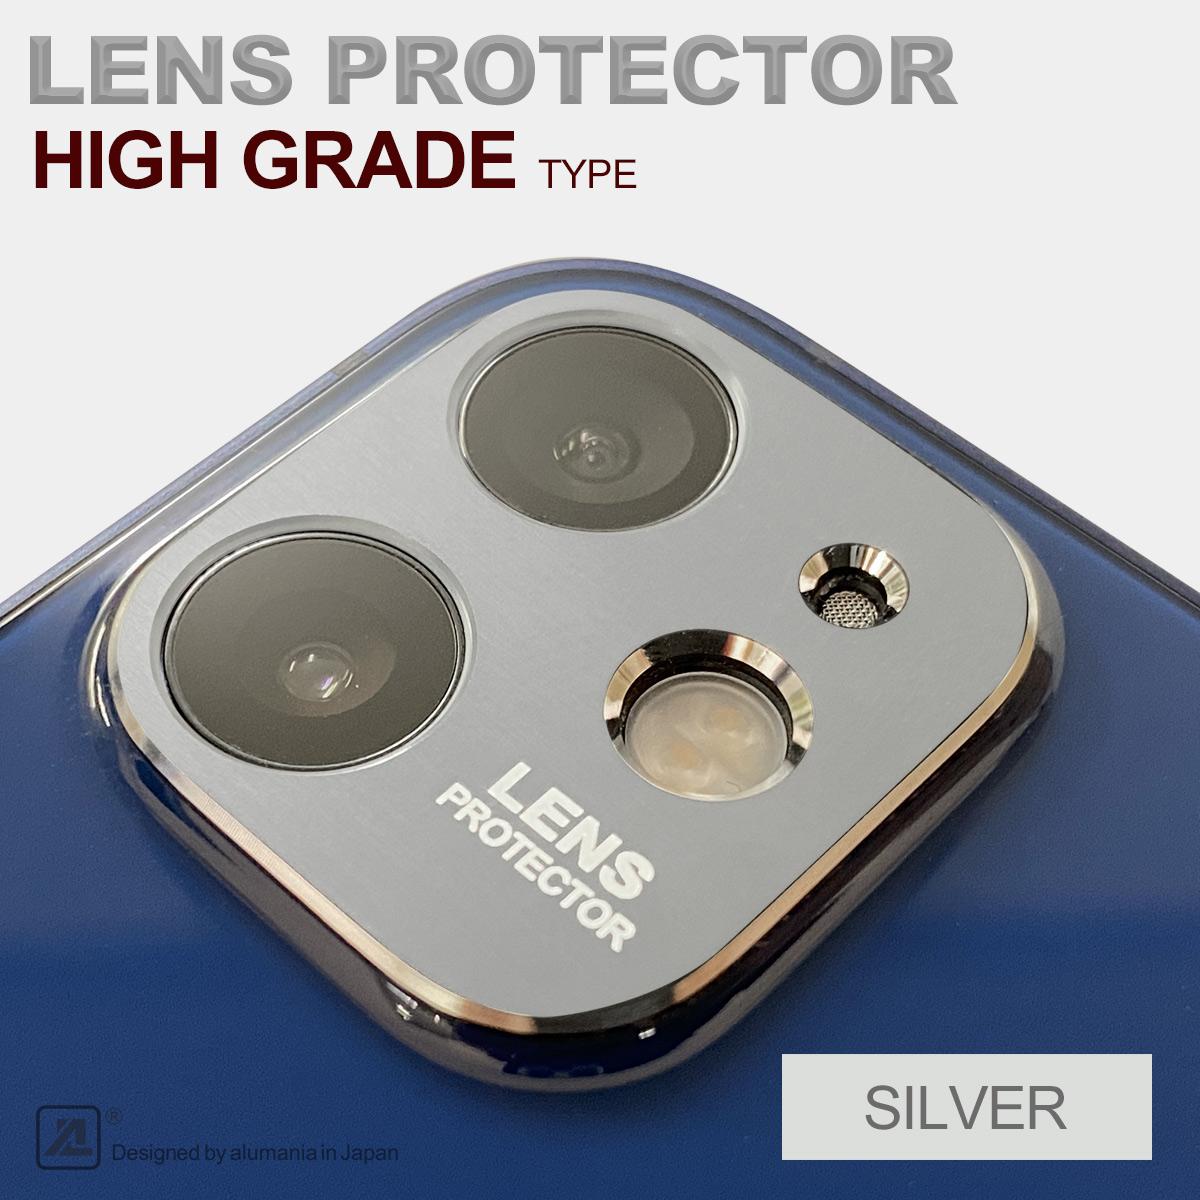 iPhone12MiniレンズプロテクターHGのシルバー